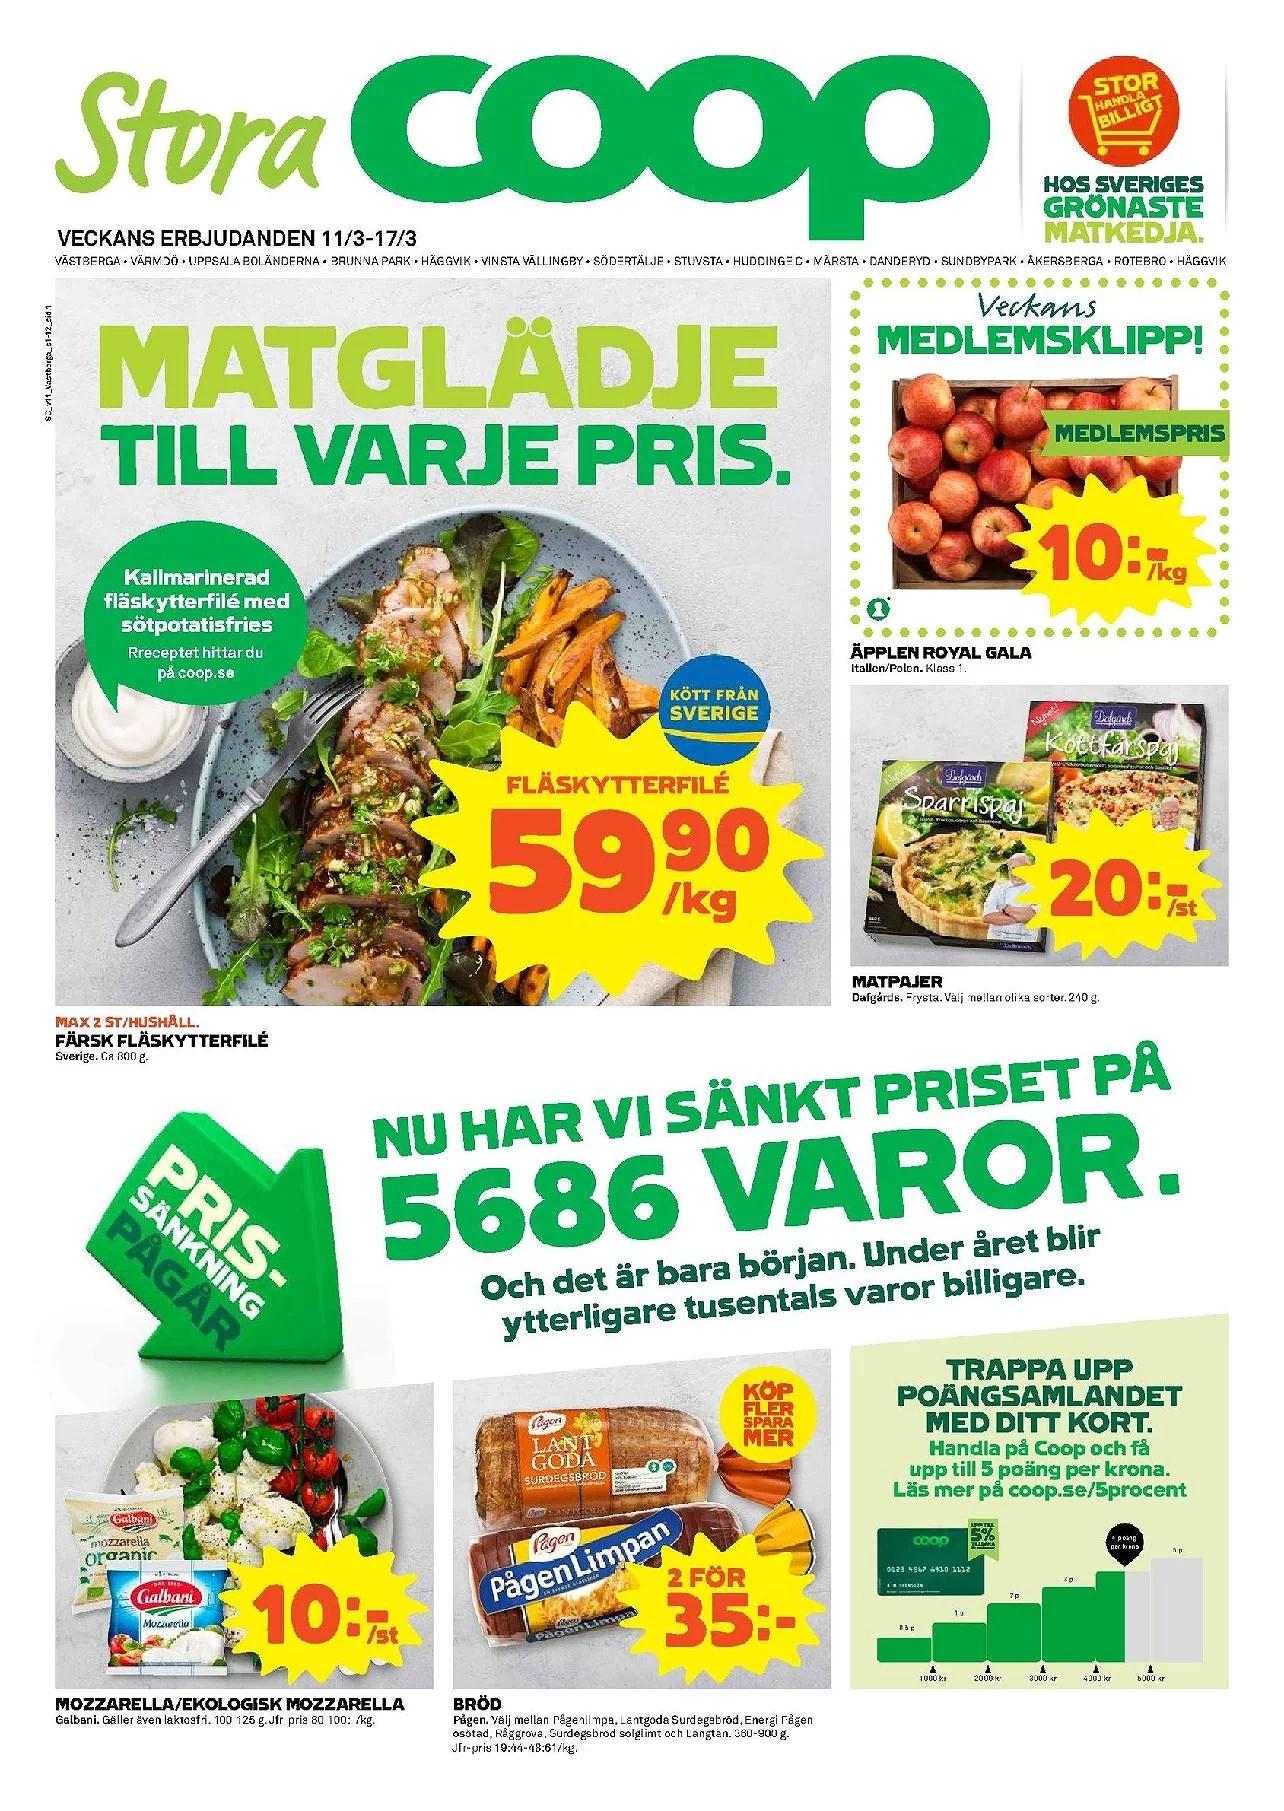 Stora Coop, äpplen 10kr kg, gratis Picadeli sallad och annat